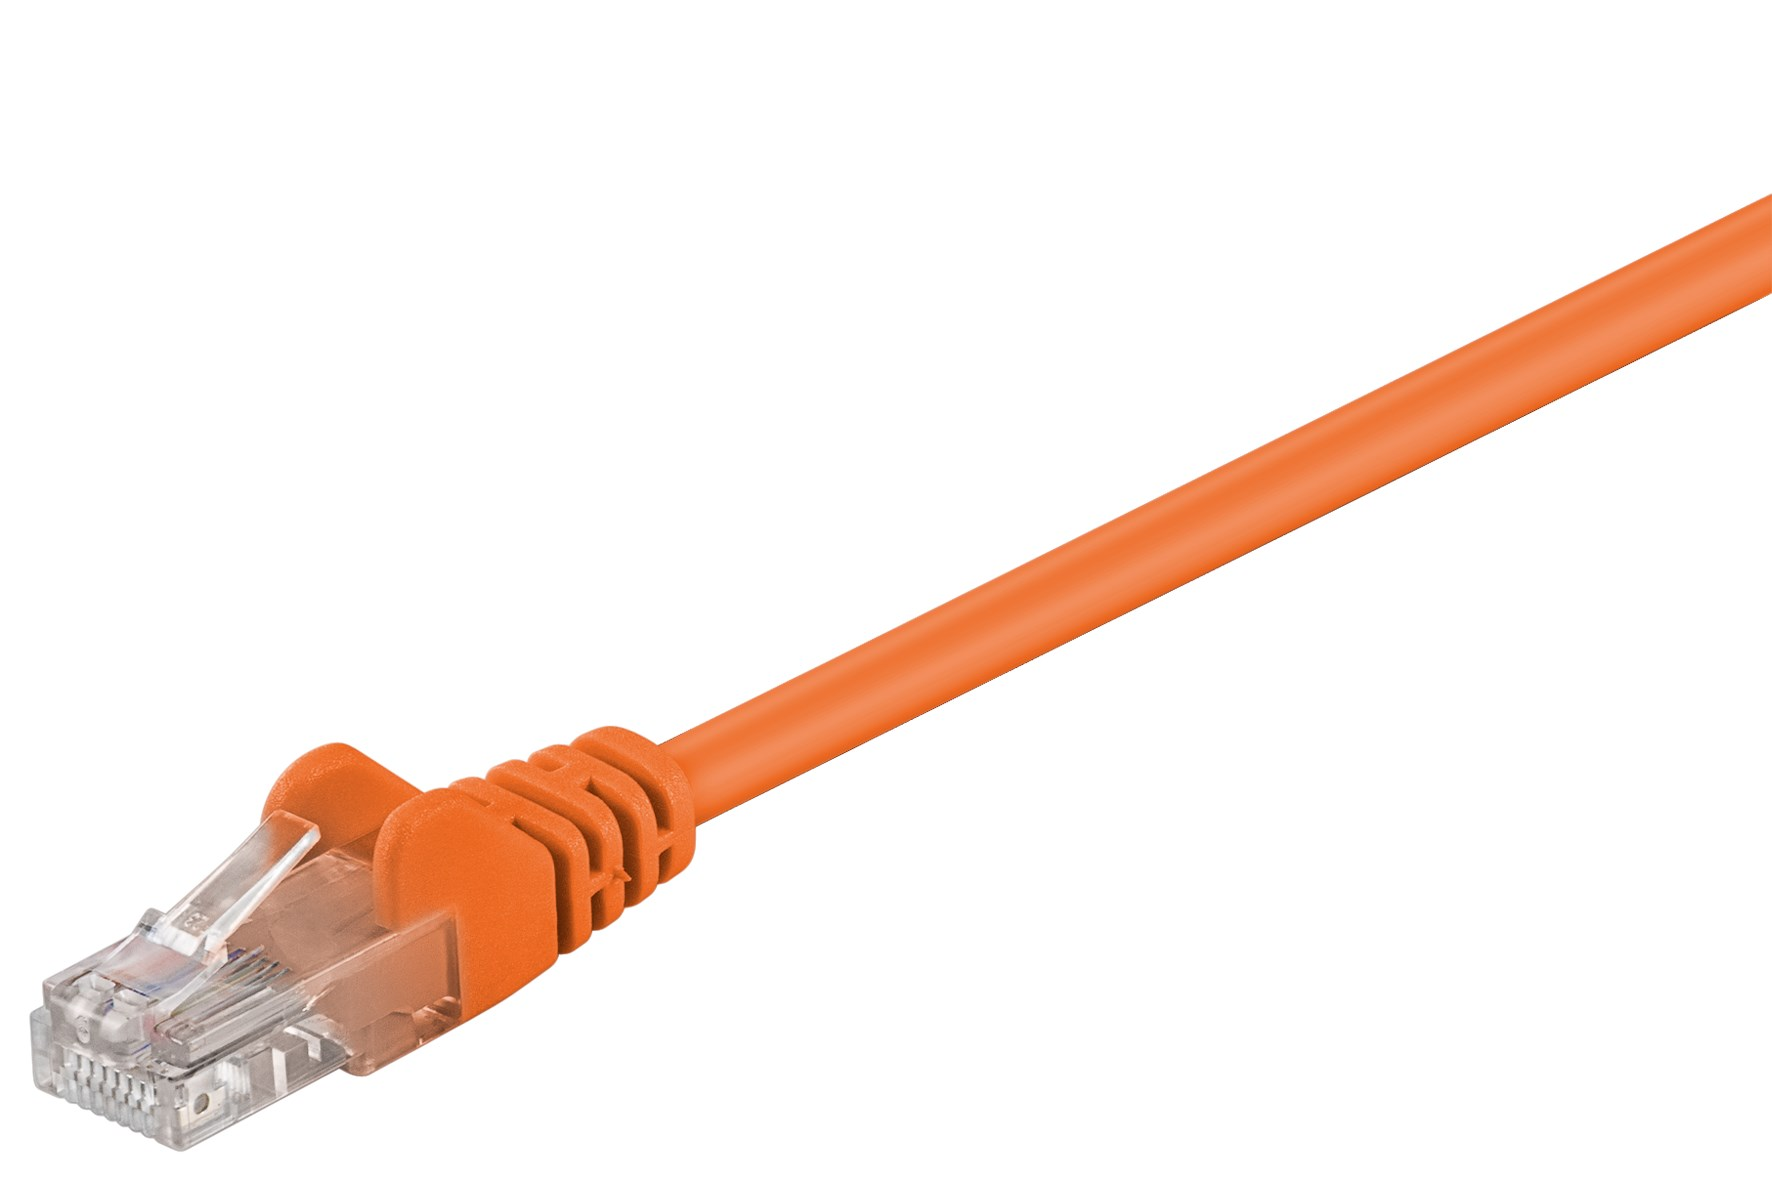 kabel lan patchcord cat 5e u utp orange. Black Bedroom Furniture Sets. Home Design Ideas